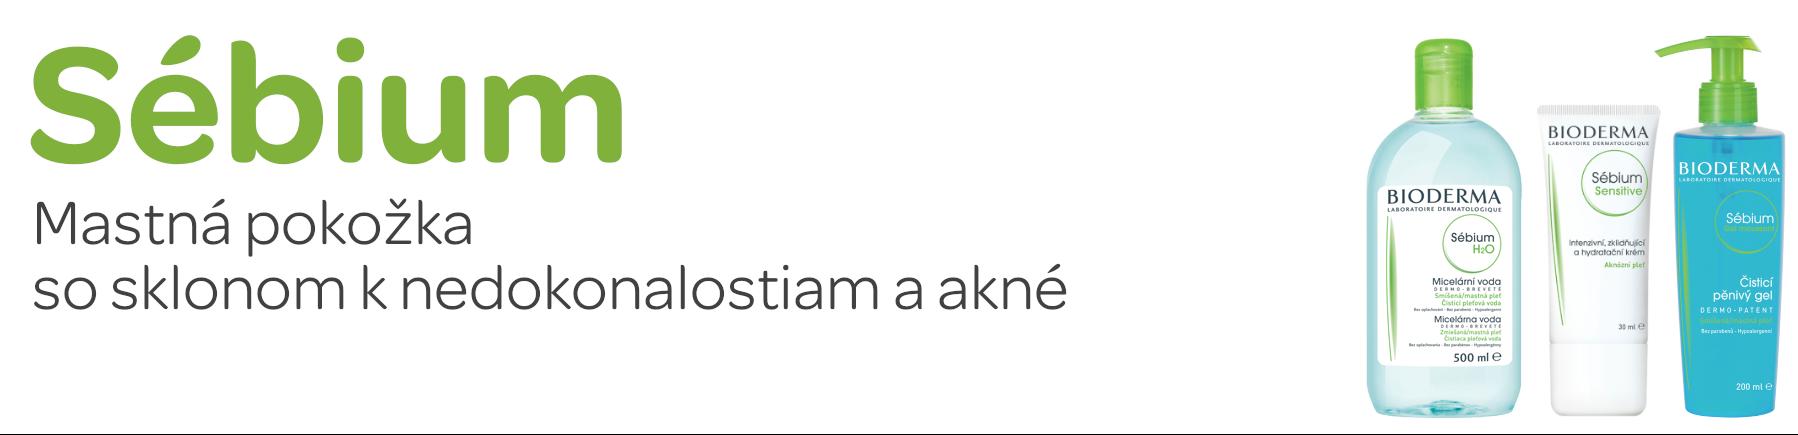 Bioderma sebium